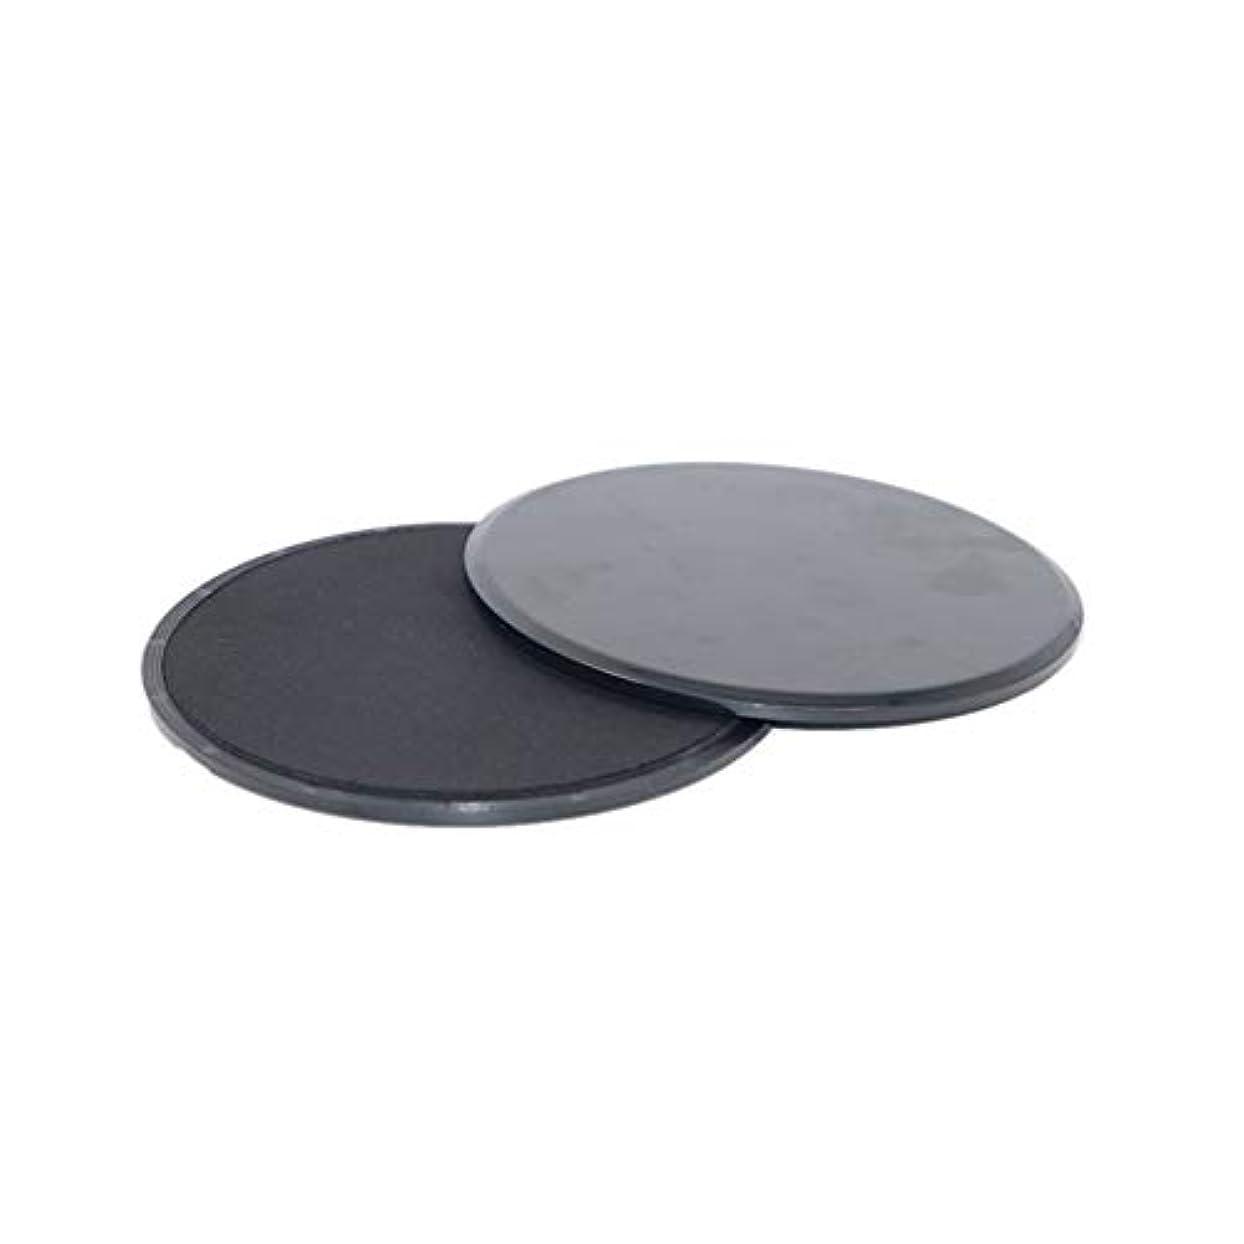 浴室定刻連続的フィットネススライドグライディングディスク調整能力フィットネスエクササイズスライダーコアトレーニング腹部と全身トレーニング用 - ブラック